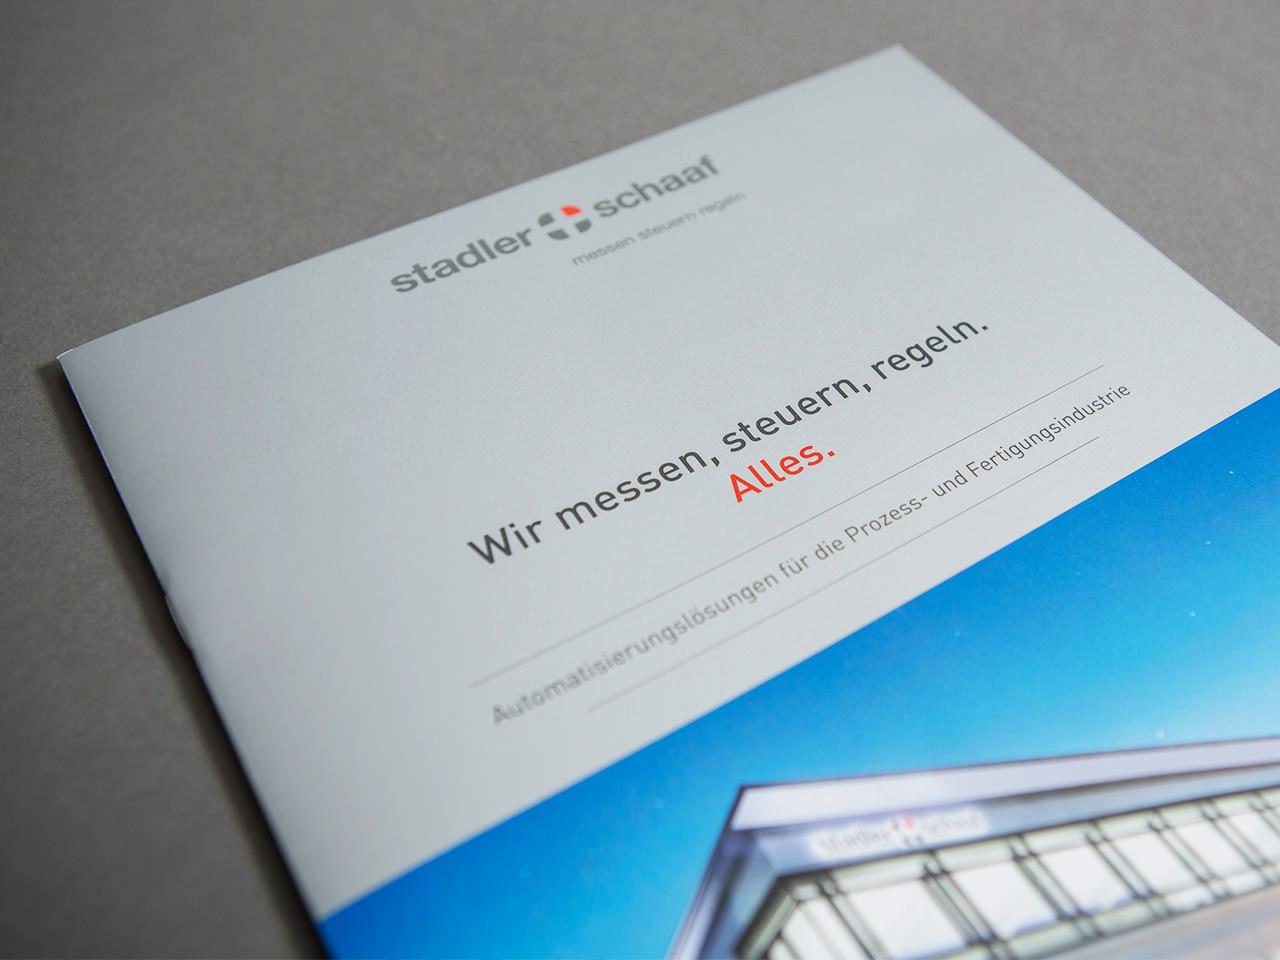 Sabath Media Werbeagentur - Stadler + Schaaf – Projektbeispiel - Referenzbild 4